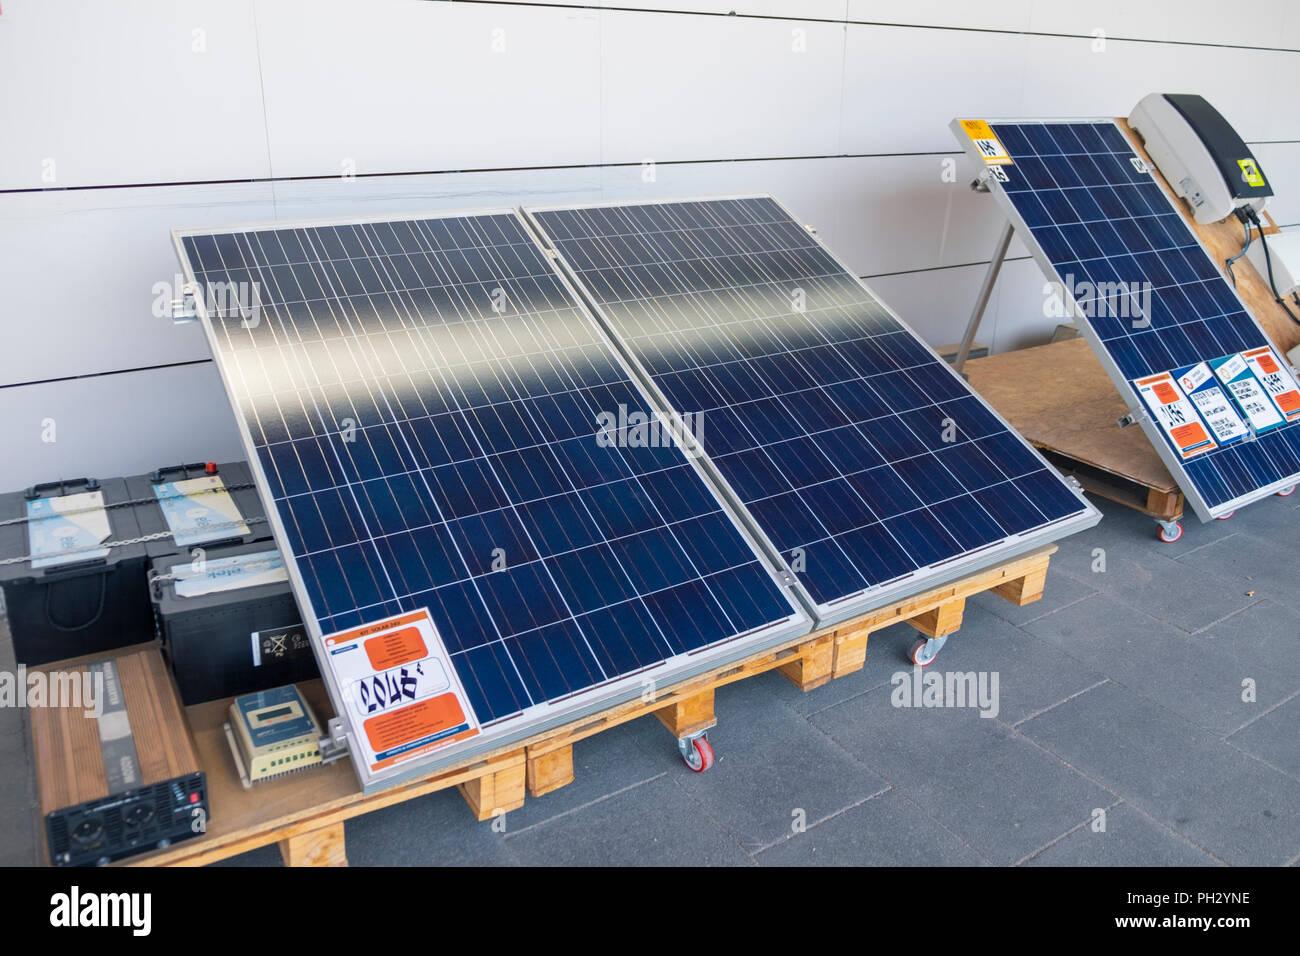 Los paneles solares a la venta en una tienda de bricolaje, Almería, España Imagen De Stock